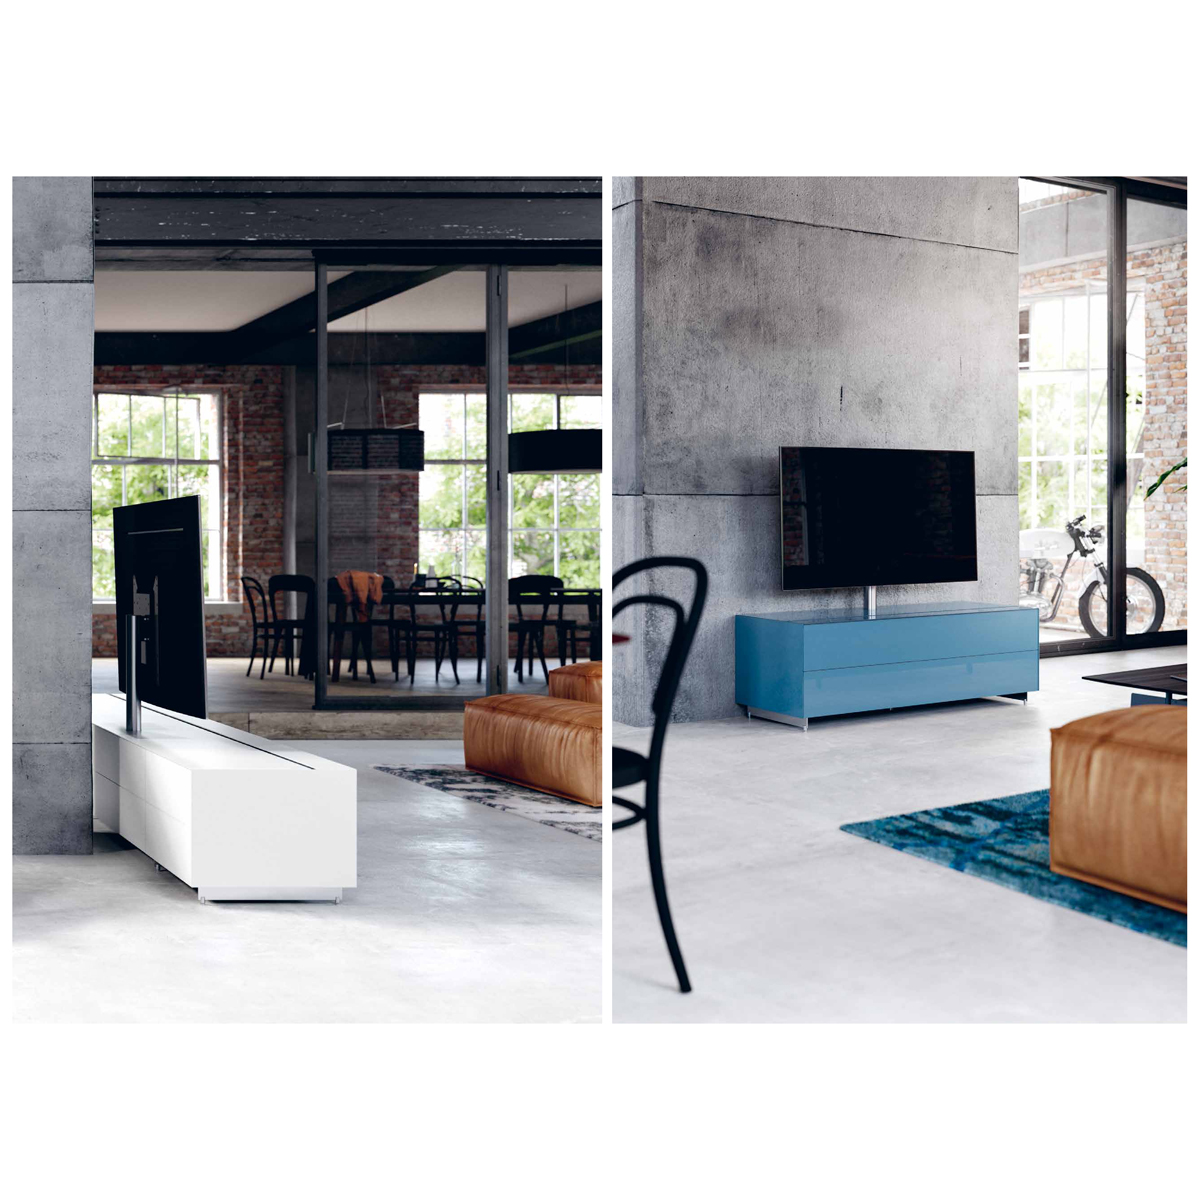 Ein Hifi TV Möbel als Raumteiler. Sichtbare Flächen verglast. Modell Cocoon von Spectral.